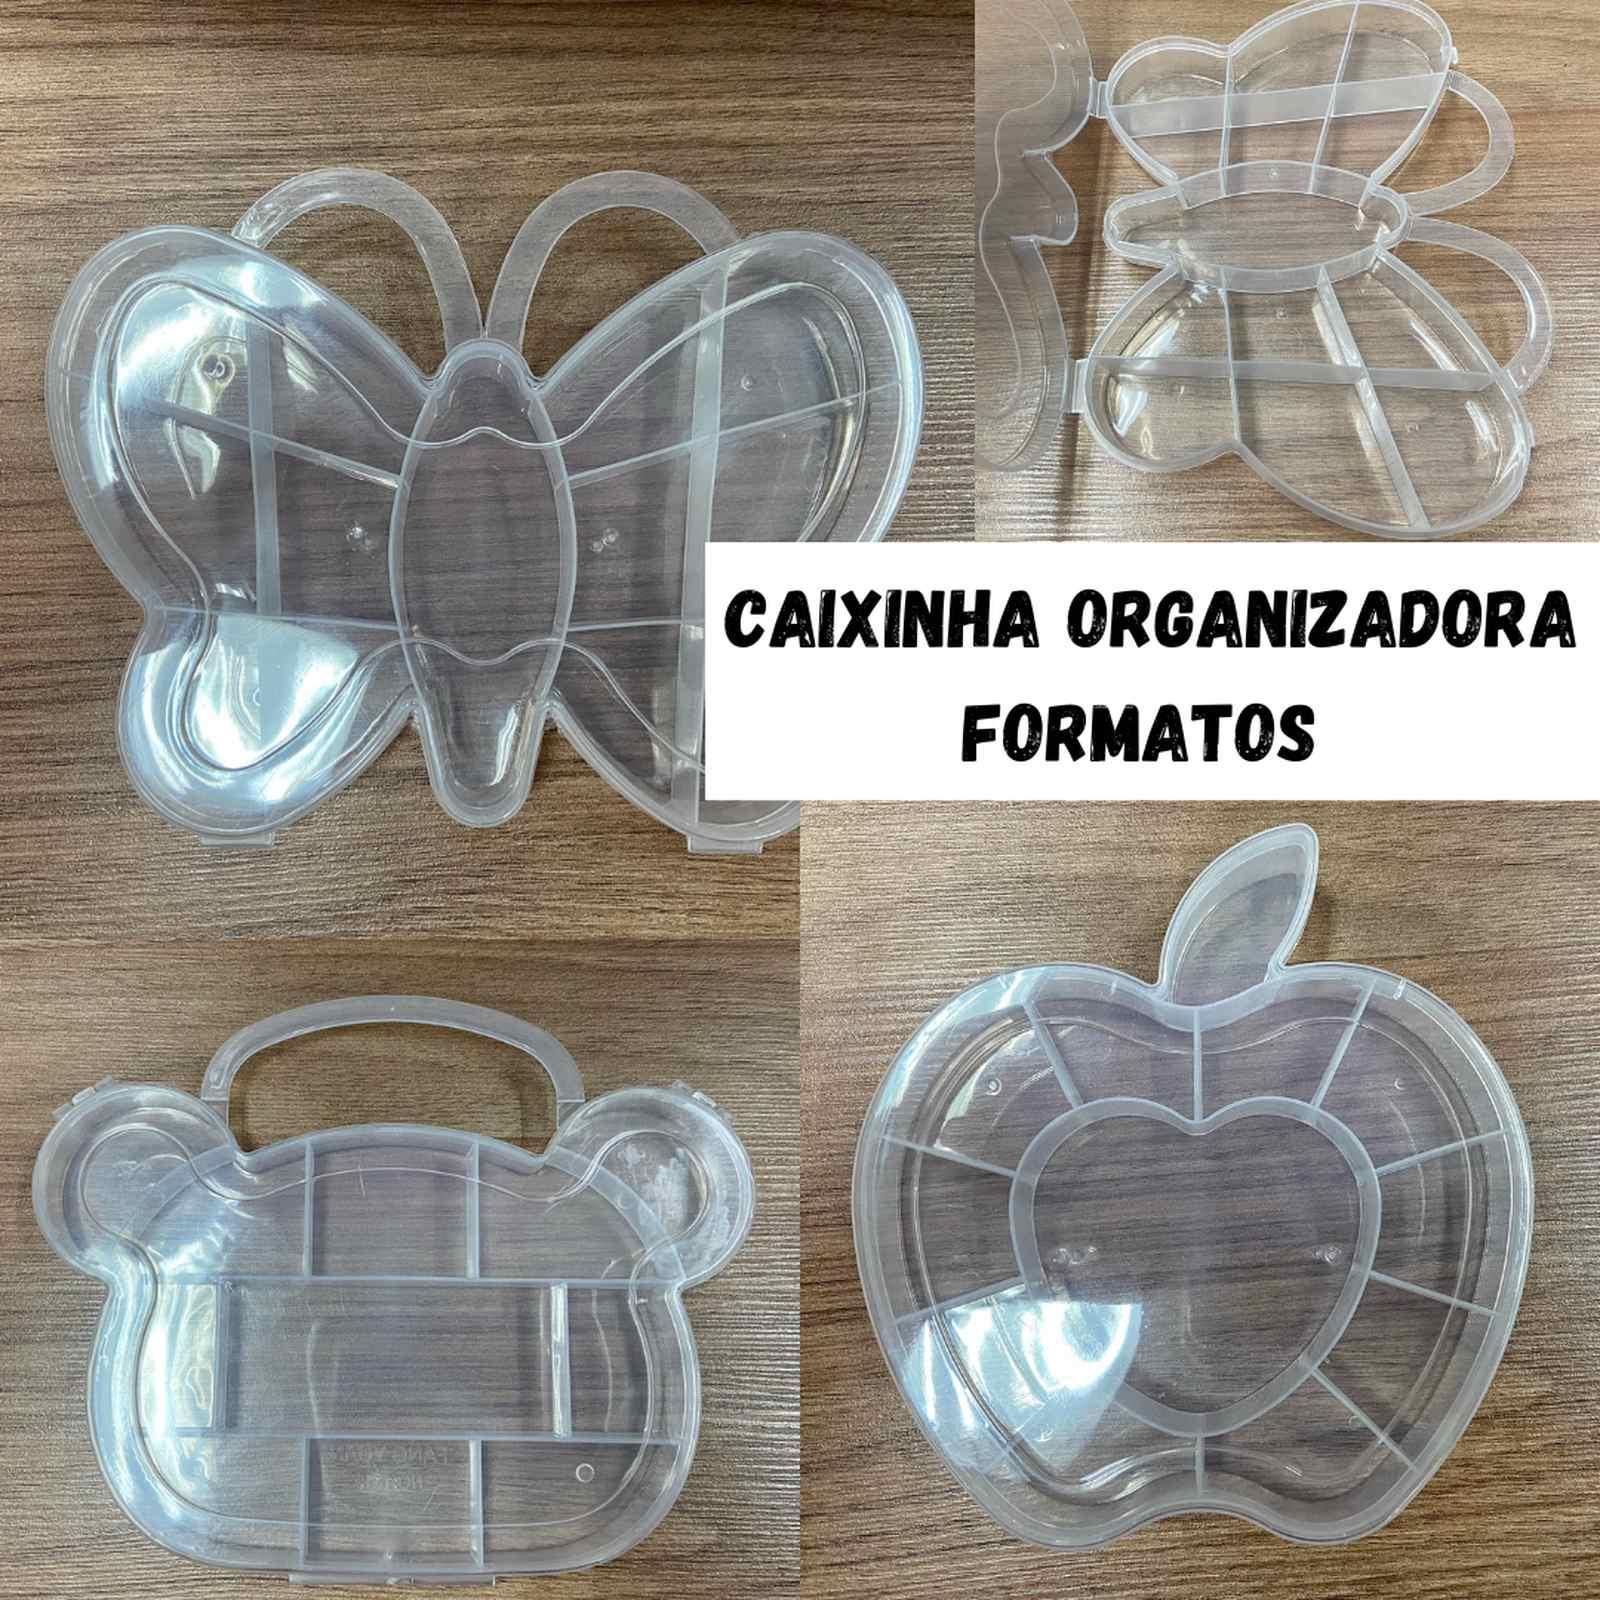 Caixa Plástica Organizadora Formatos - 1 unidade